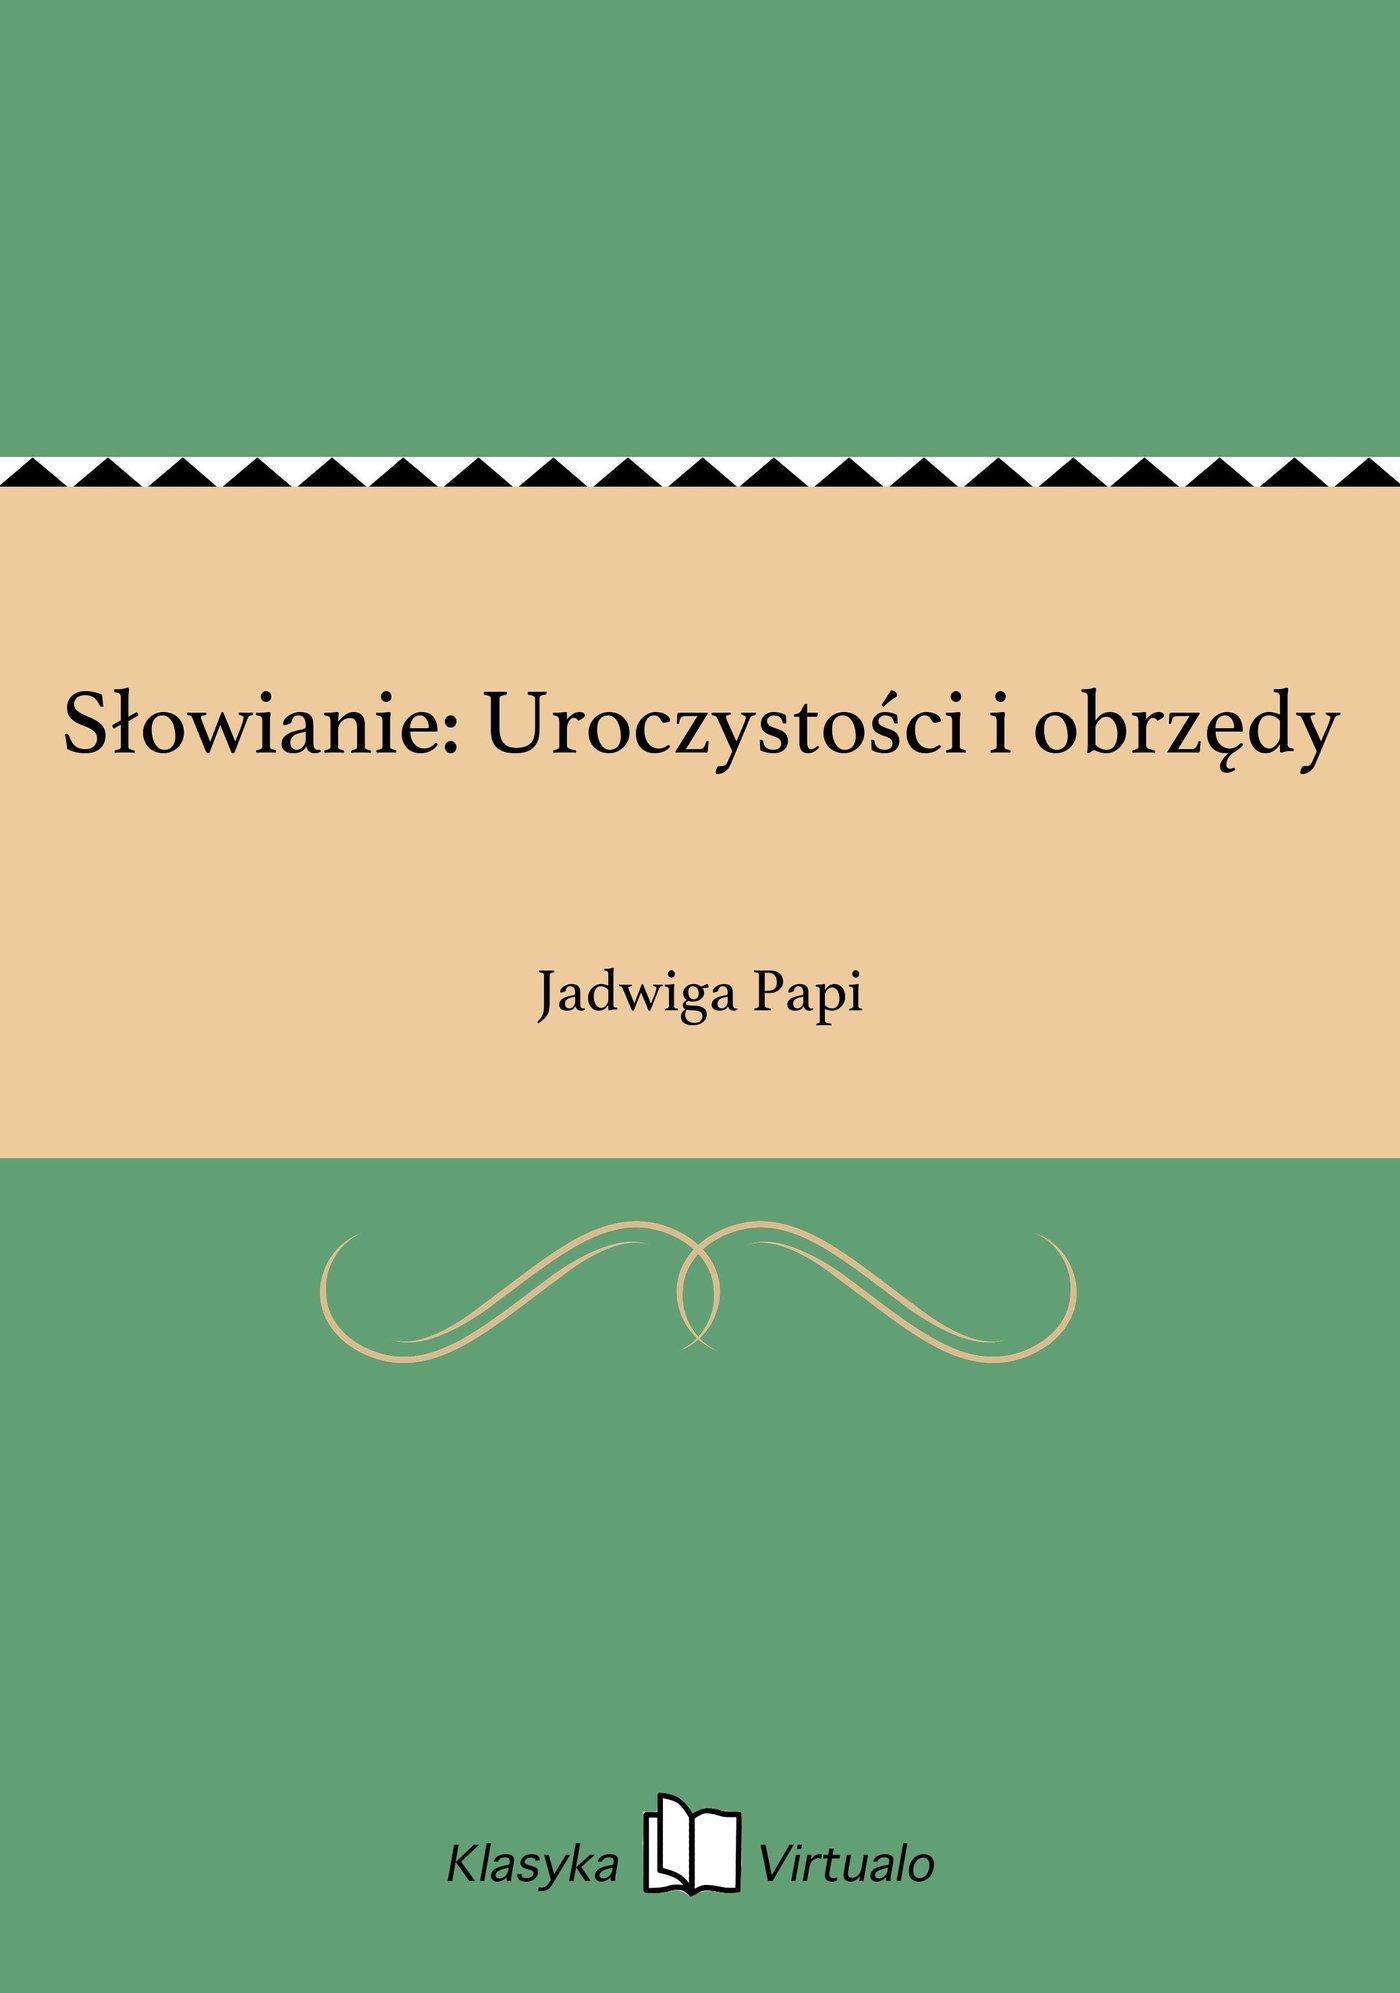 Słowianie: Uroczystości i obrzędy - Ebook (Książka na Kindle) do pobrania w formacie MOBI